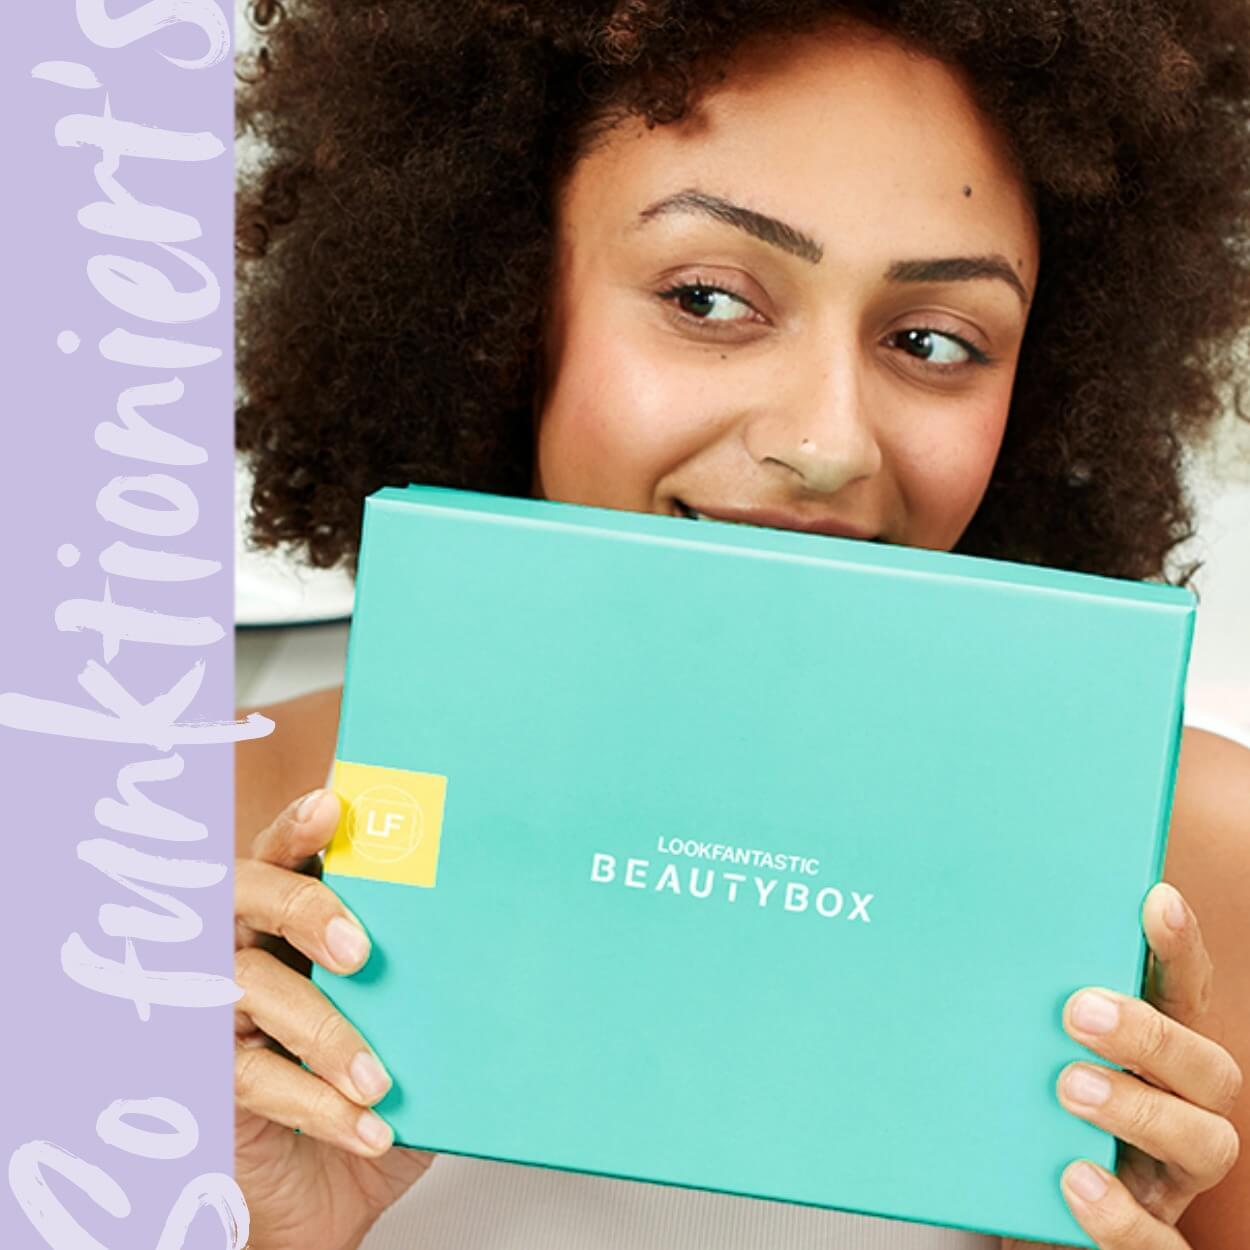 Läs mer om lookfantastic Beauty Box; en månatlig prenumeration som ger dig 6 speciellt utvalda produkter till ett värde av över 500 kr hem till dig.